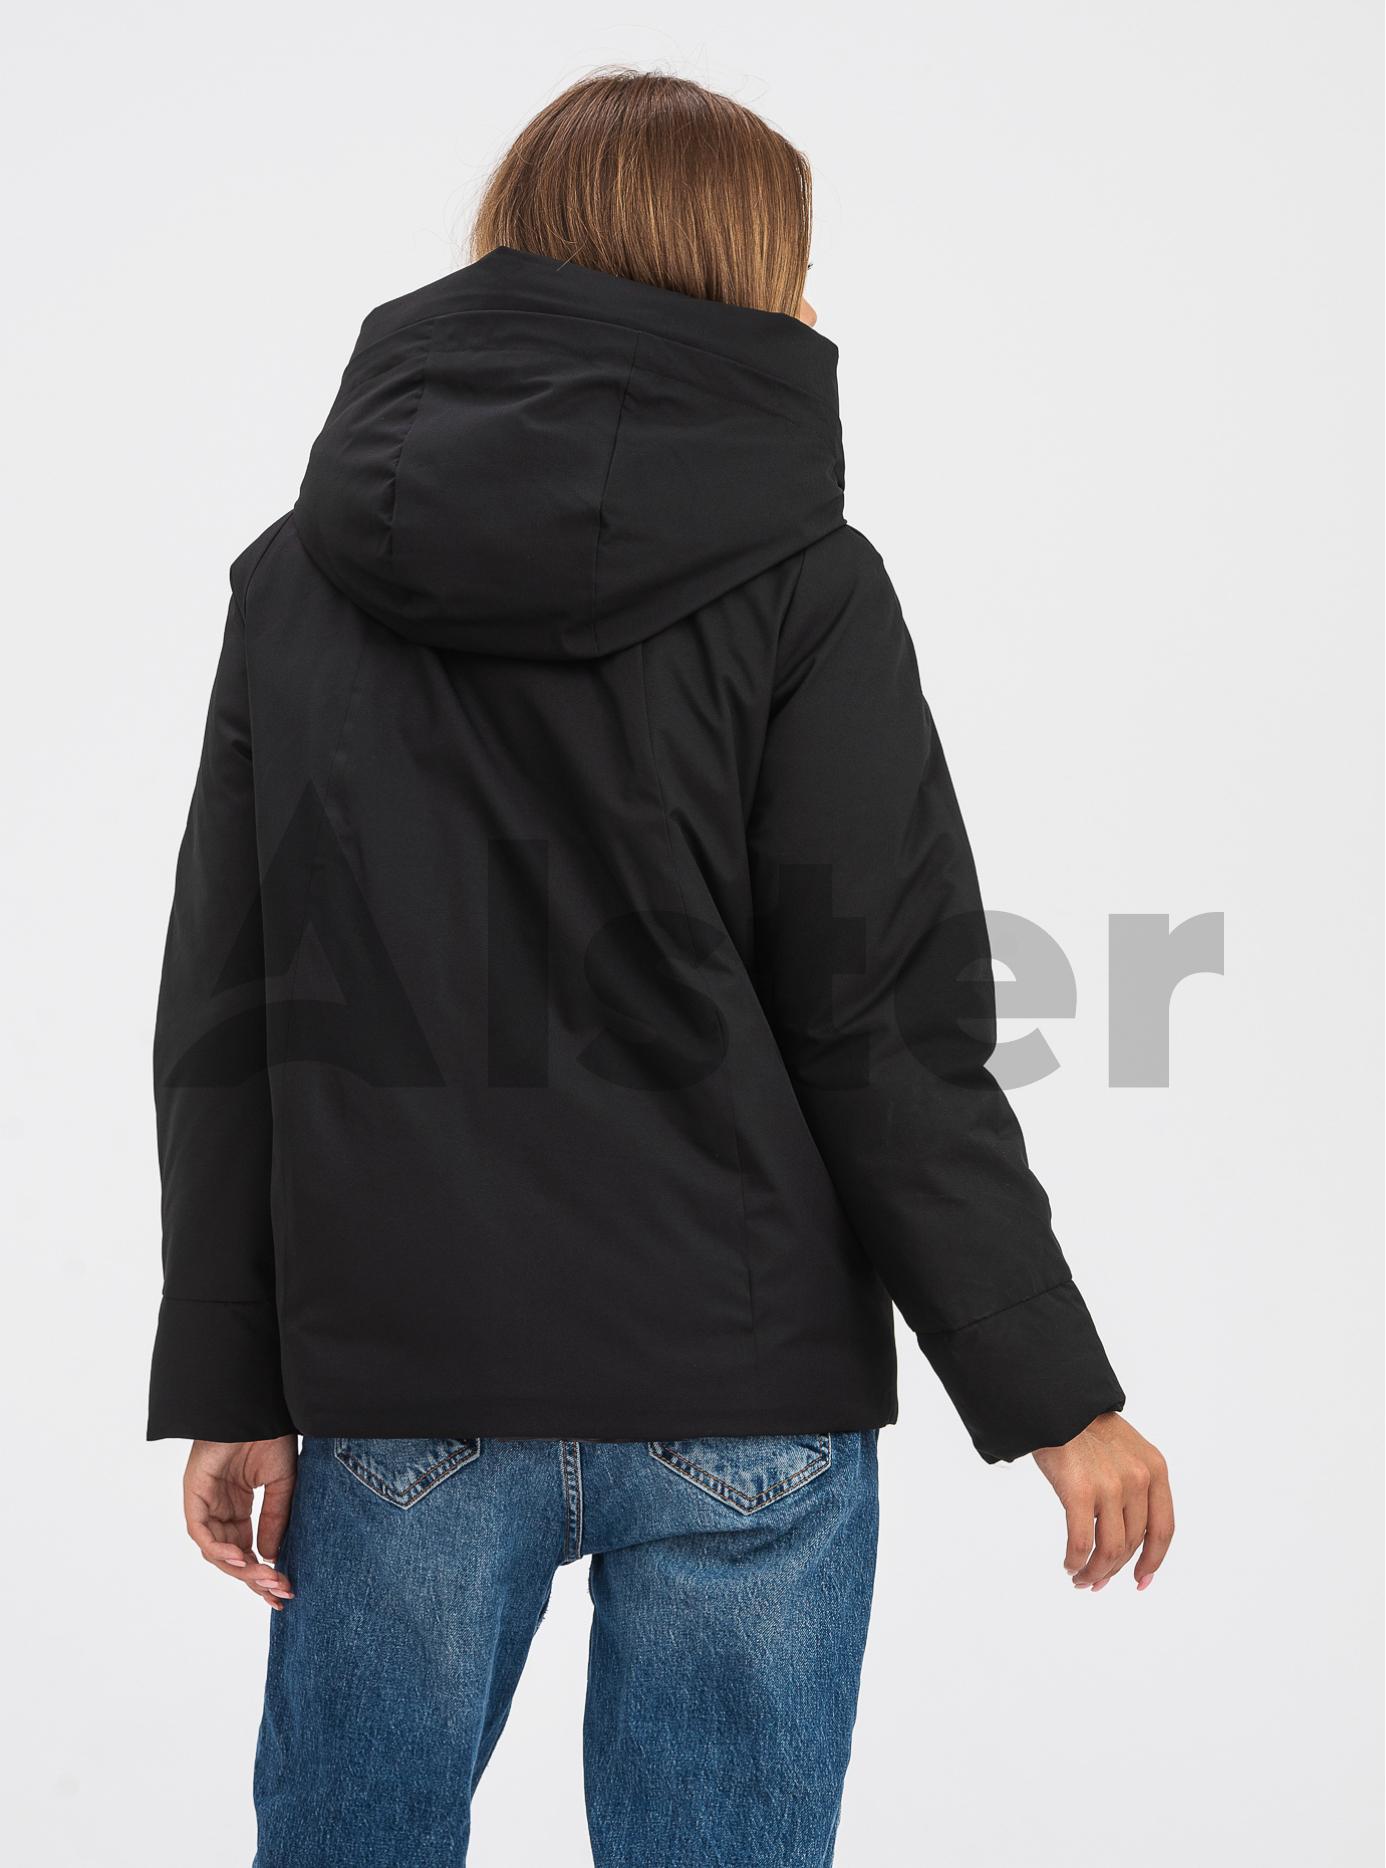 Жіноча зимова куртка TOWMY Чорний M (TWM3370-02): фото - Alster.ua